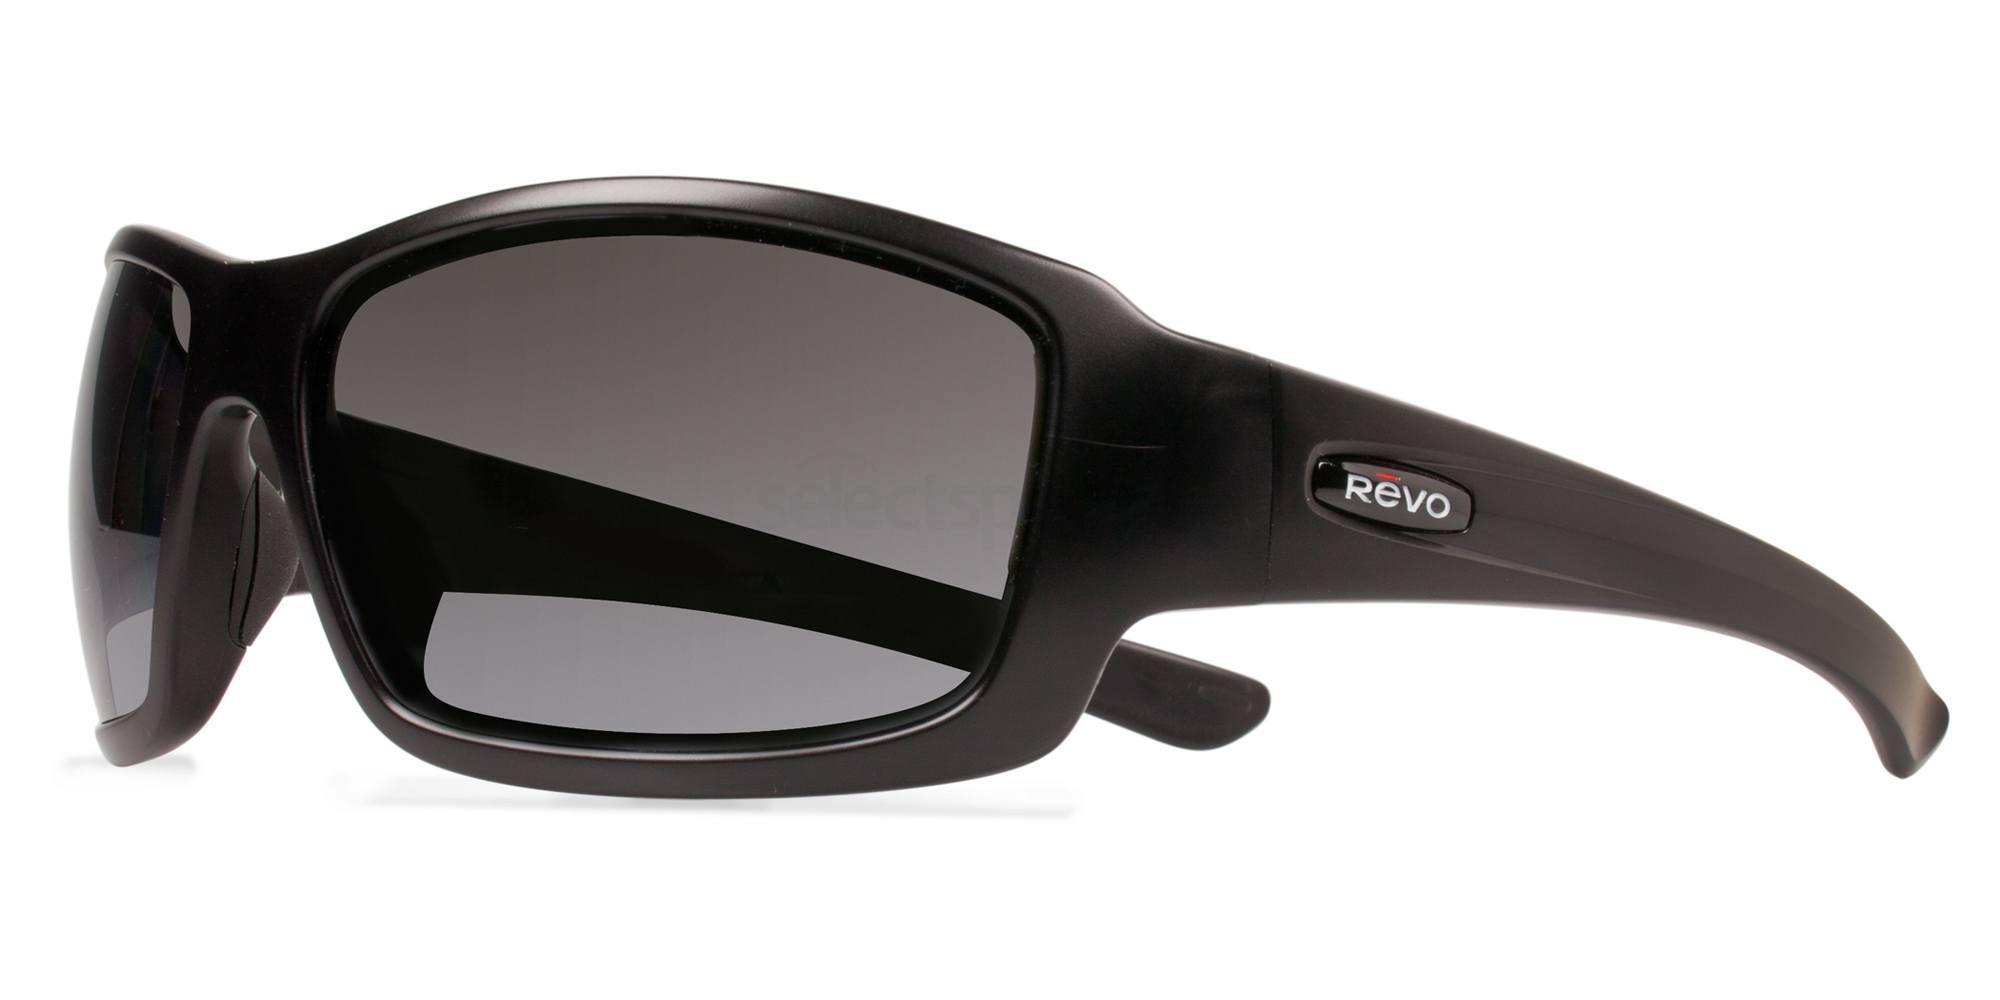 Revo Bearing RE4057 sunglasses